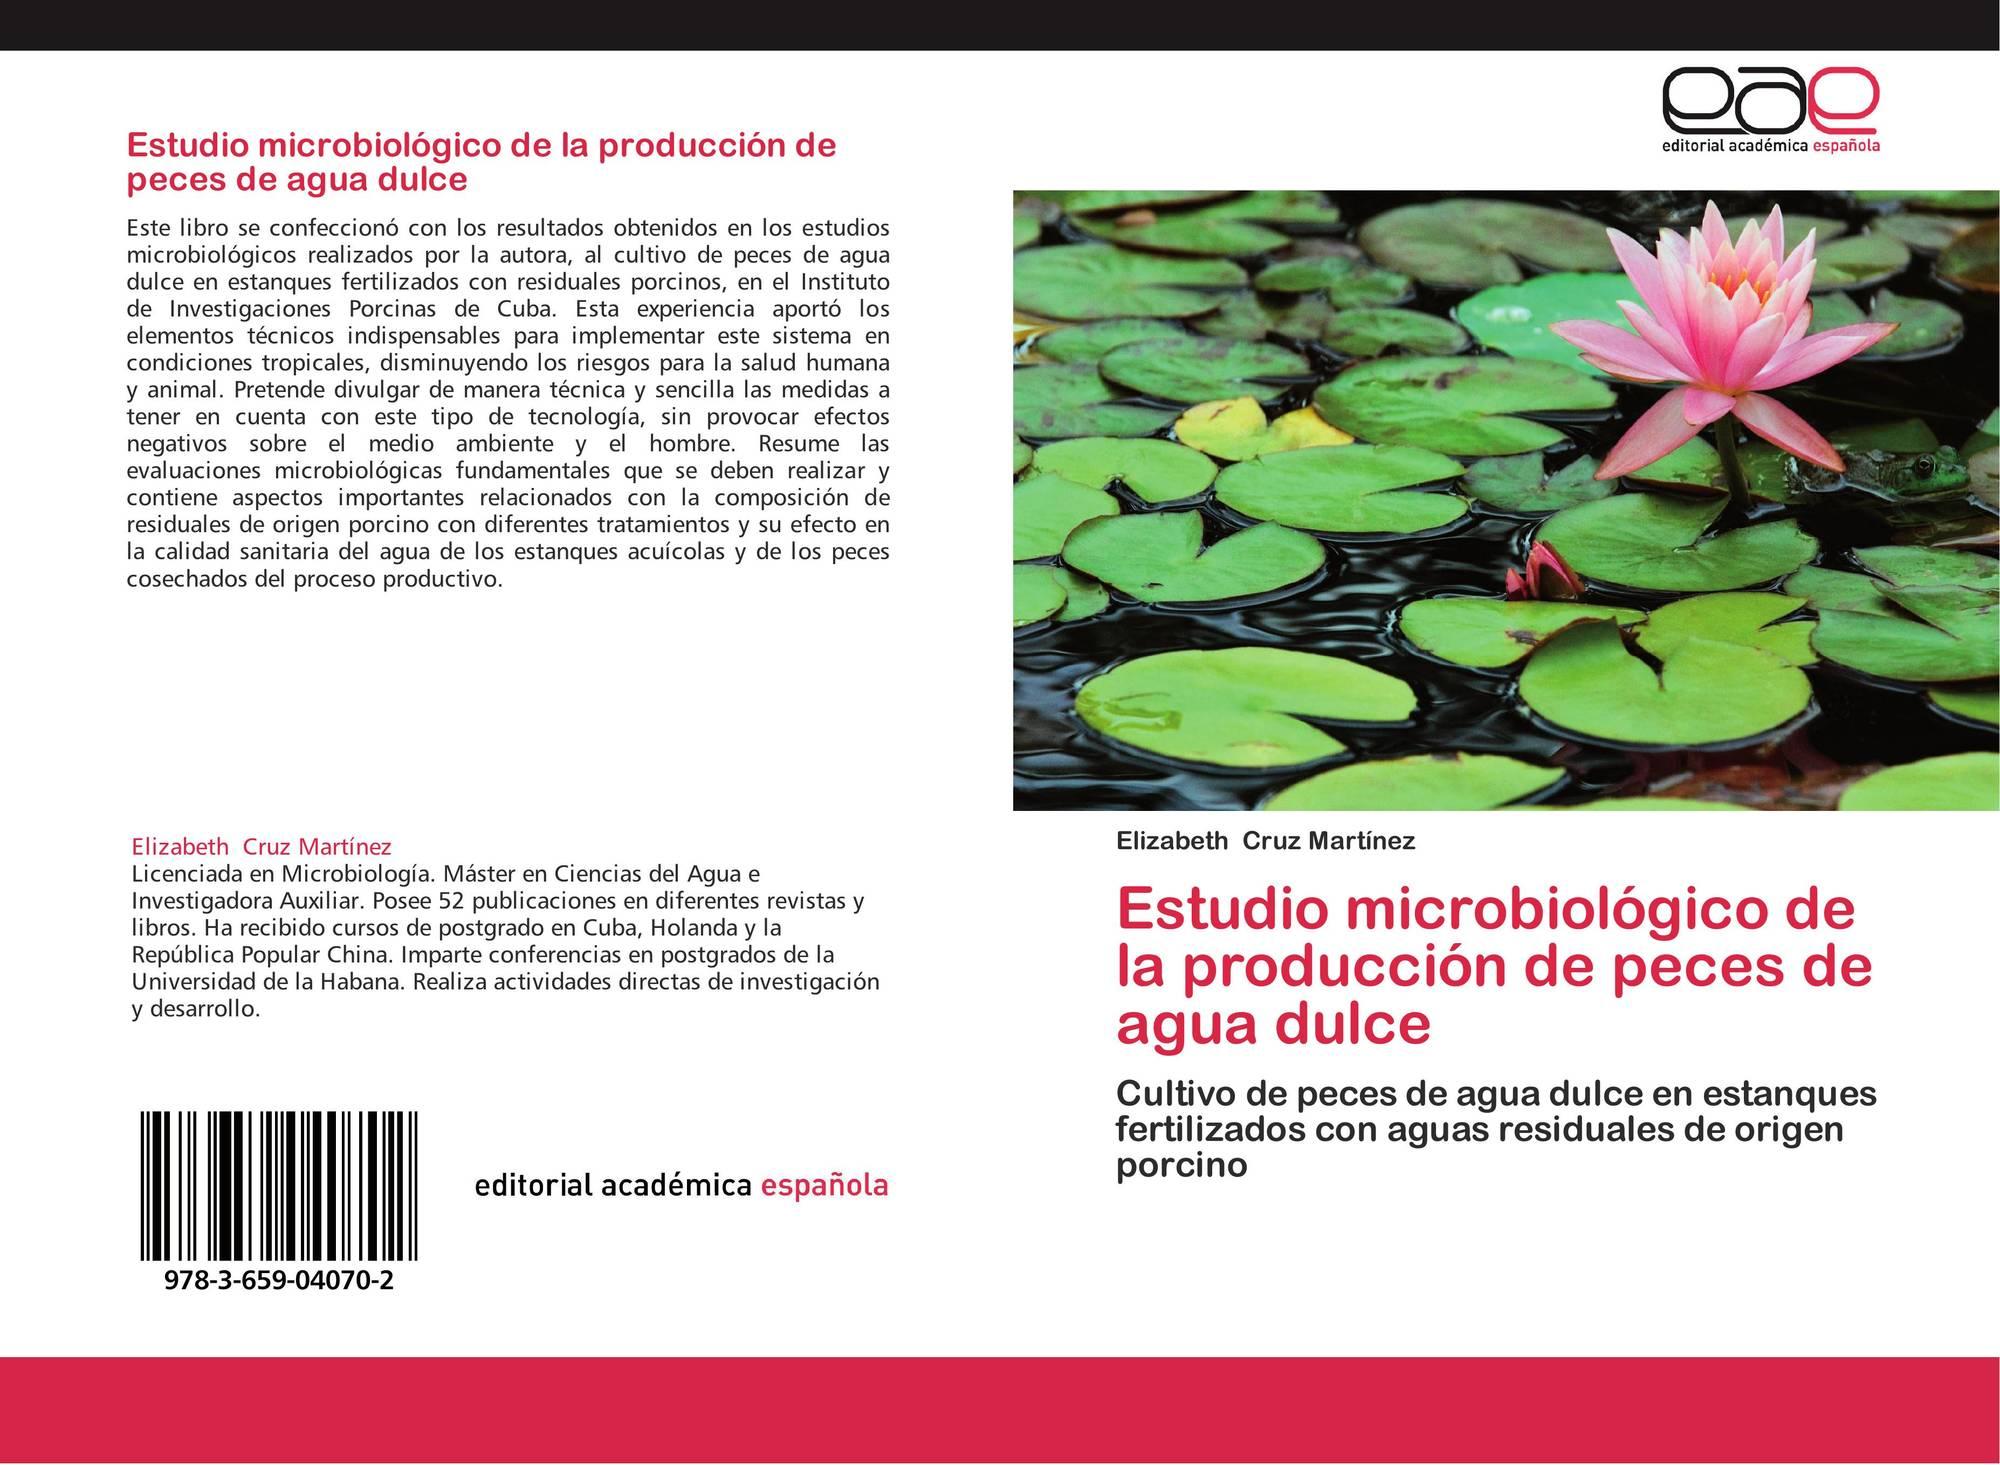 Estudio microbiol gico de la producci n de peces de agua for Produccion de peces en estanques